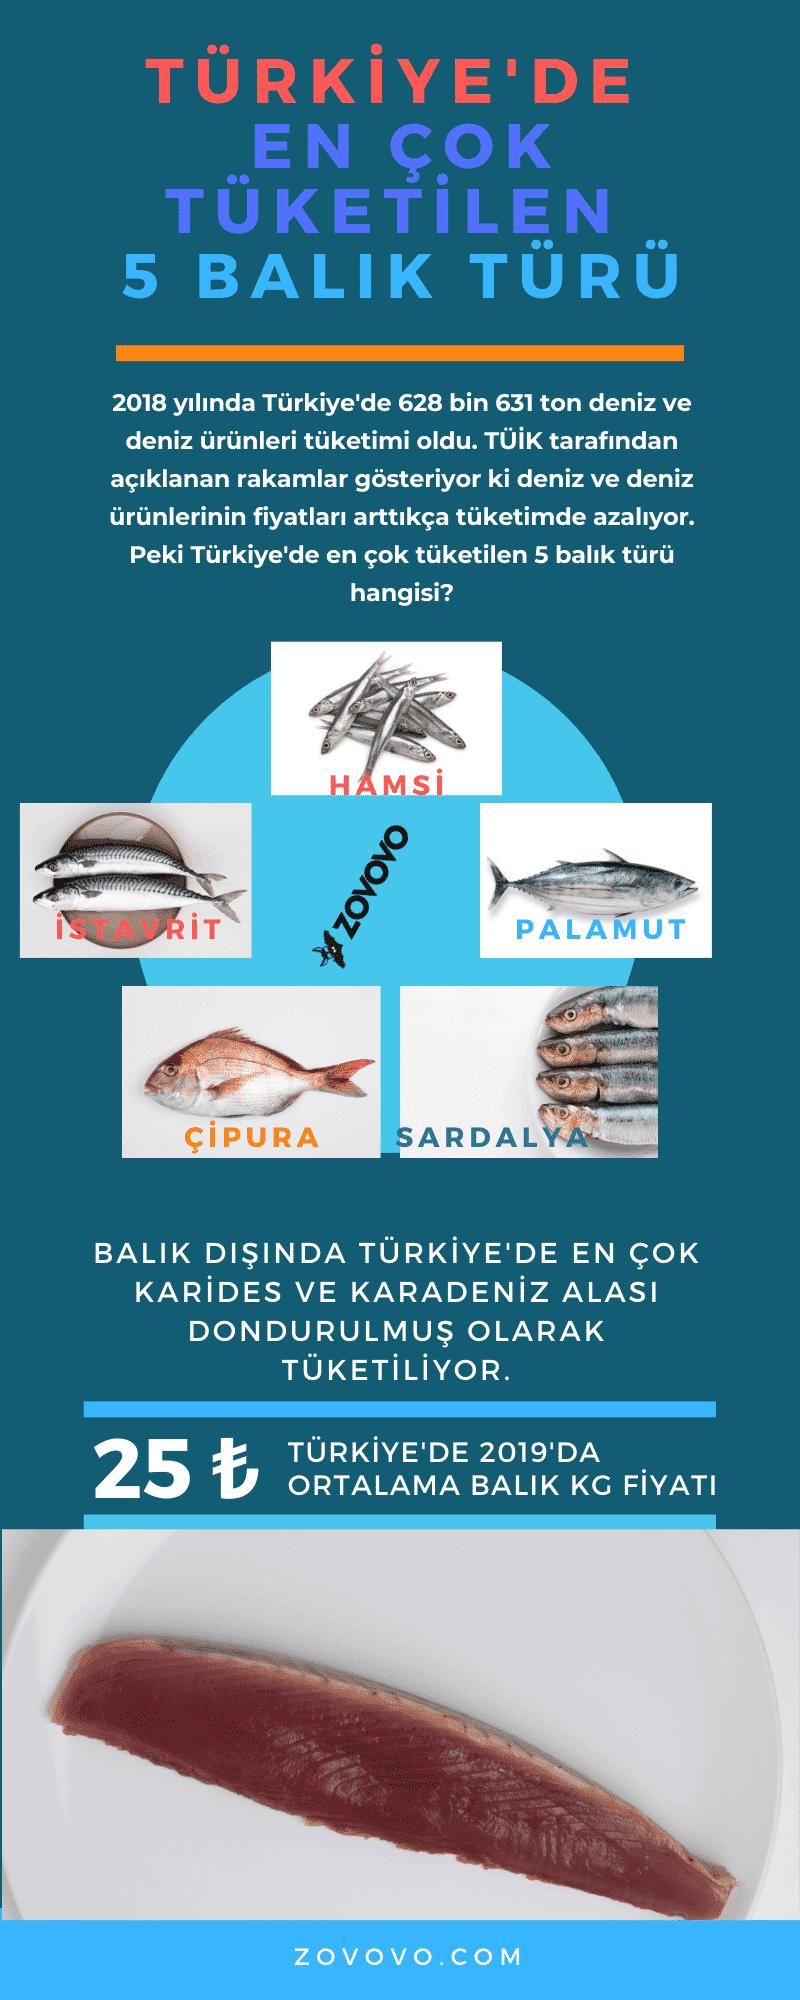 Türkiye'de En Çok Tüketilen Balık Türleri – İnfografik